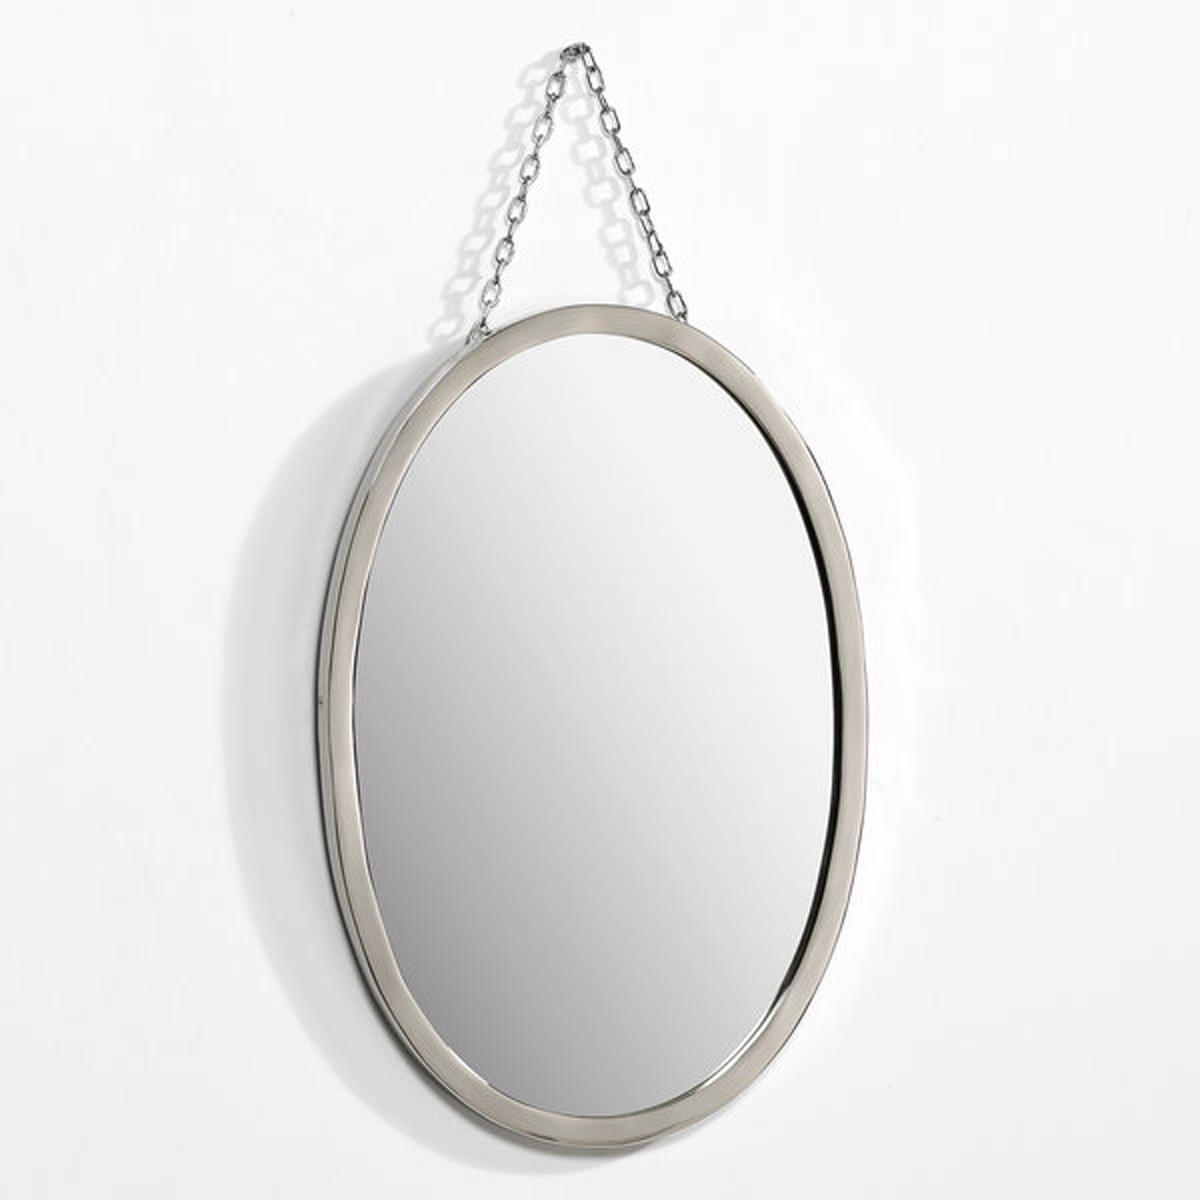 Зеркало овальное Д30 x В45 см, BarbierОвальное зеркало под старину Цирюльник.Характеристики: :- Рамка из никелированной латуни  .- Цепочка-подвеска из металла с никелевым покрытием  .Размеры :- Д30 x В45 см<br><br>Цвет: безцветный<br>Размер: единый размер